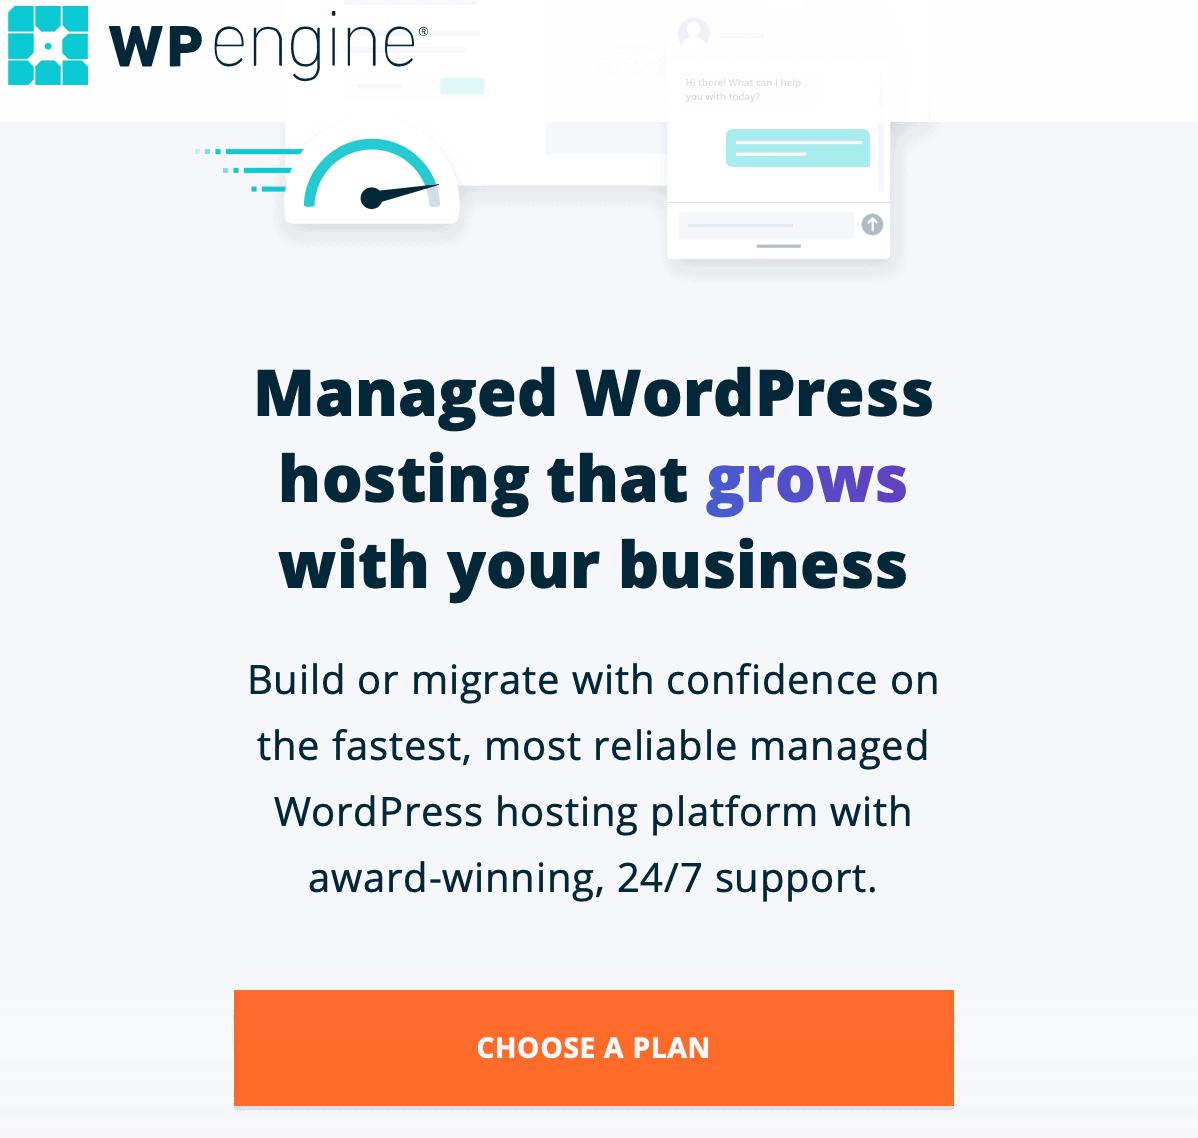 WP Engine